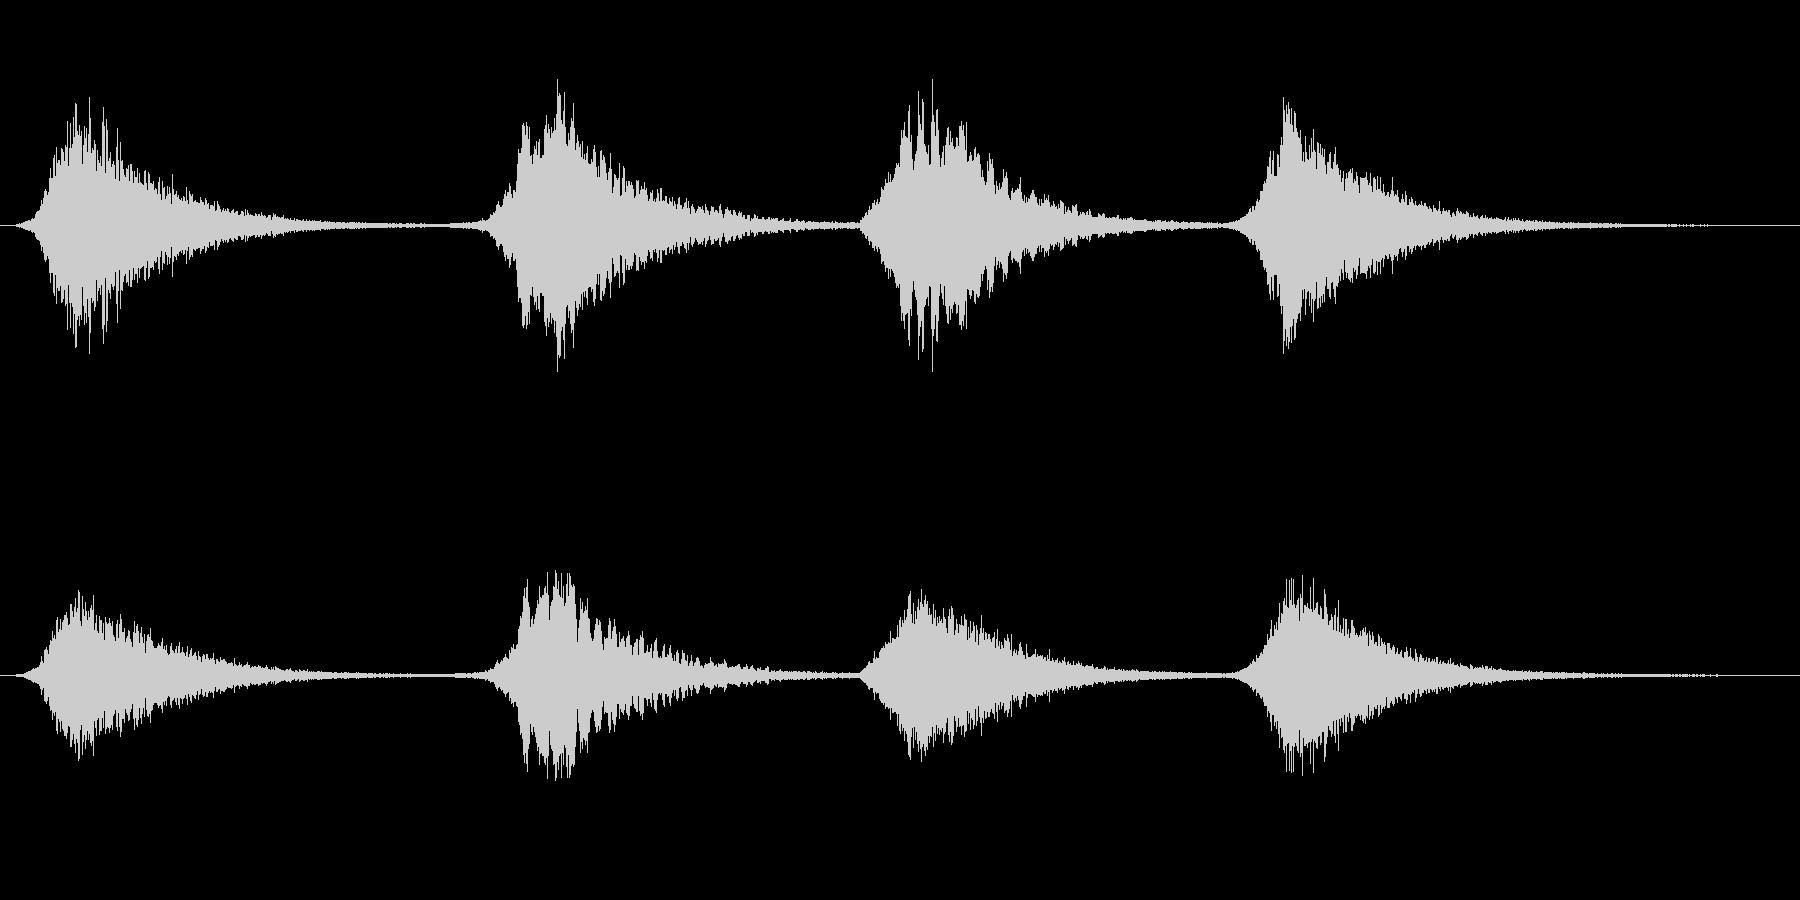 メタルブレス1の未再生の波形